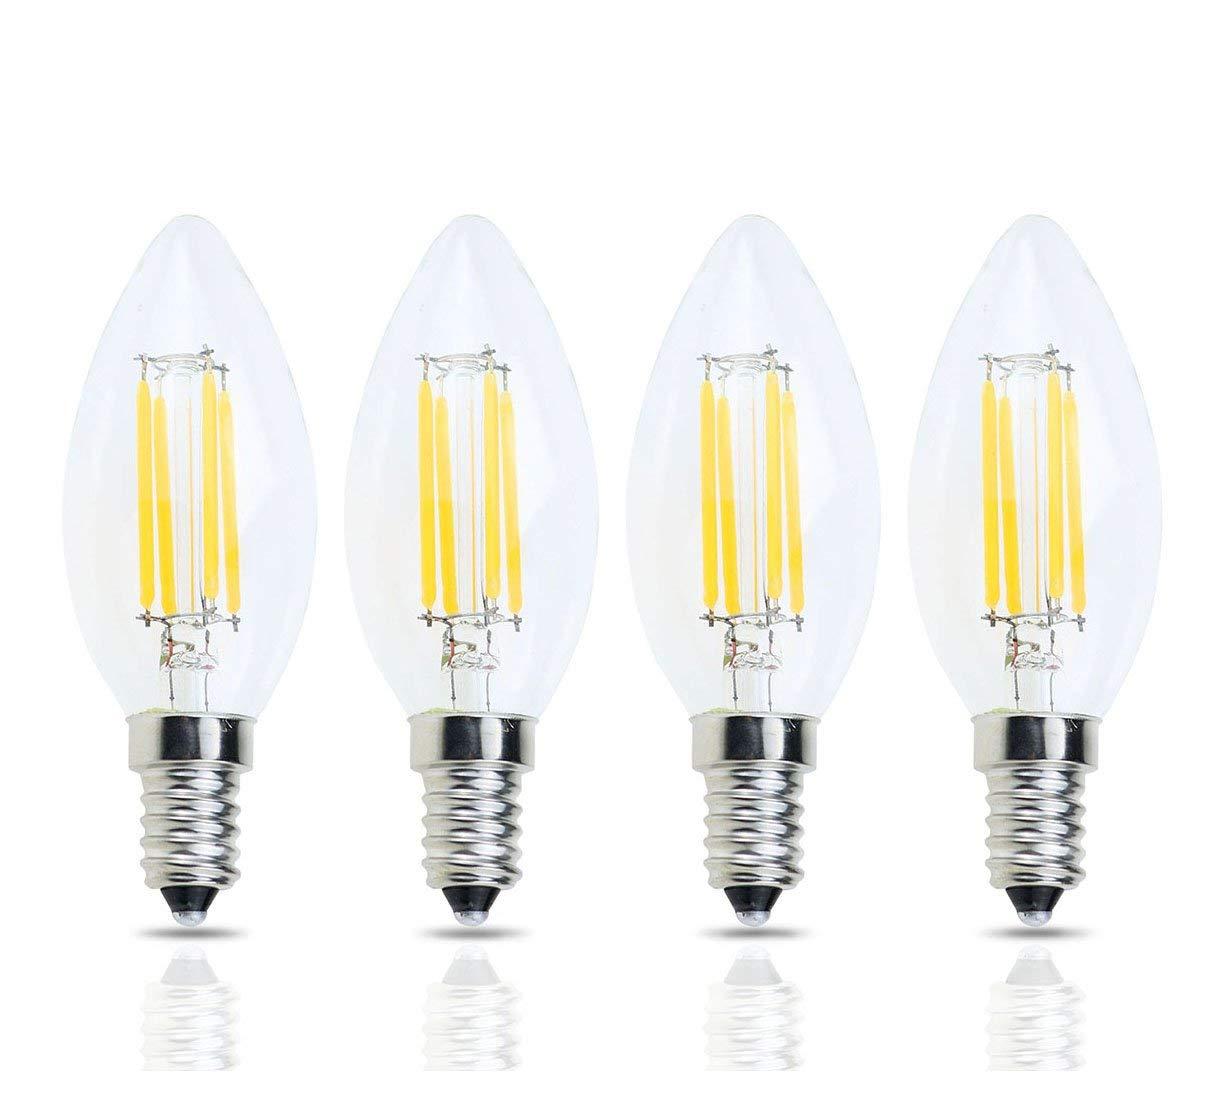 Lamsky LED E14 Base C35 Vintage Edison Bulb,LED Filament Light Bulb,4W Warm White 2700K,No-Dimmable 4-Pack